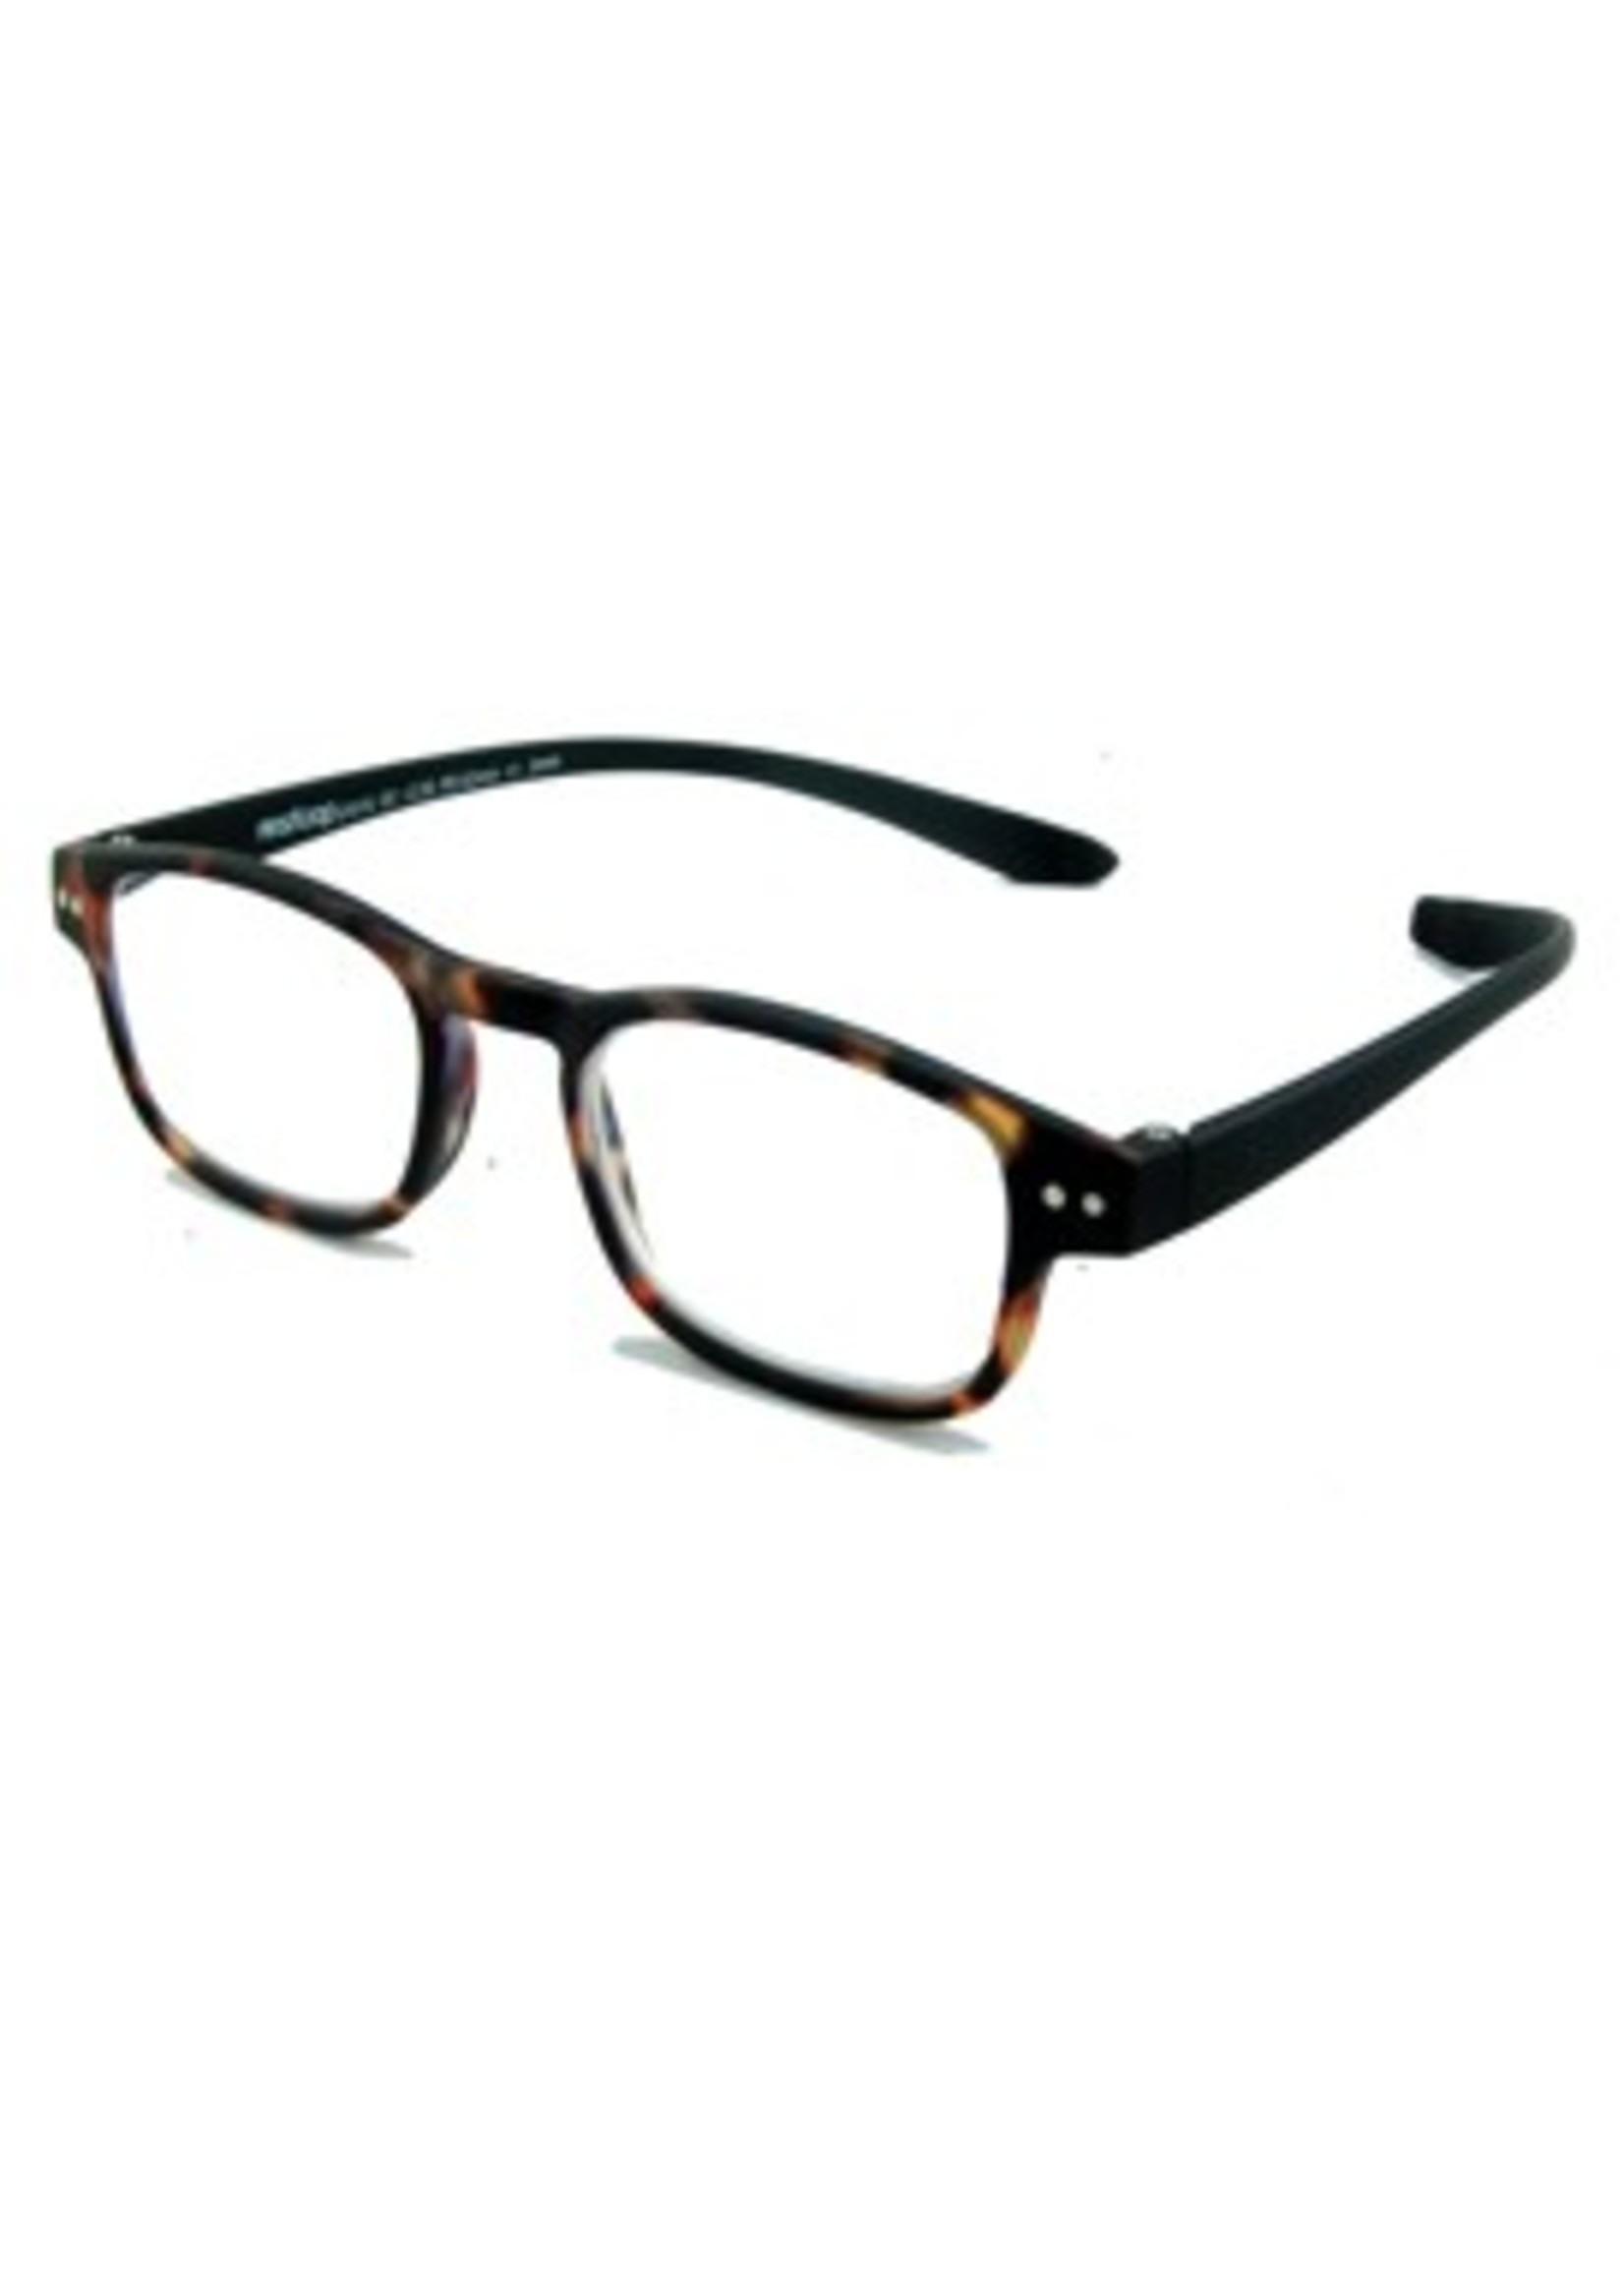 Readloop leesbrillen Leesbril Readloop Elan Dark Havanna 2609-02